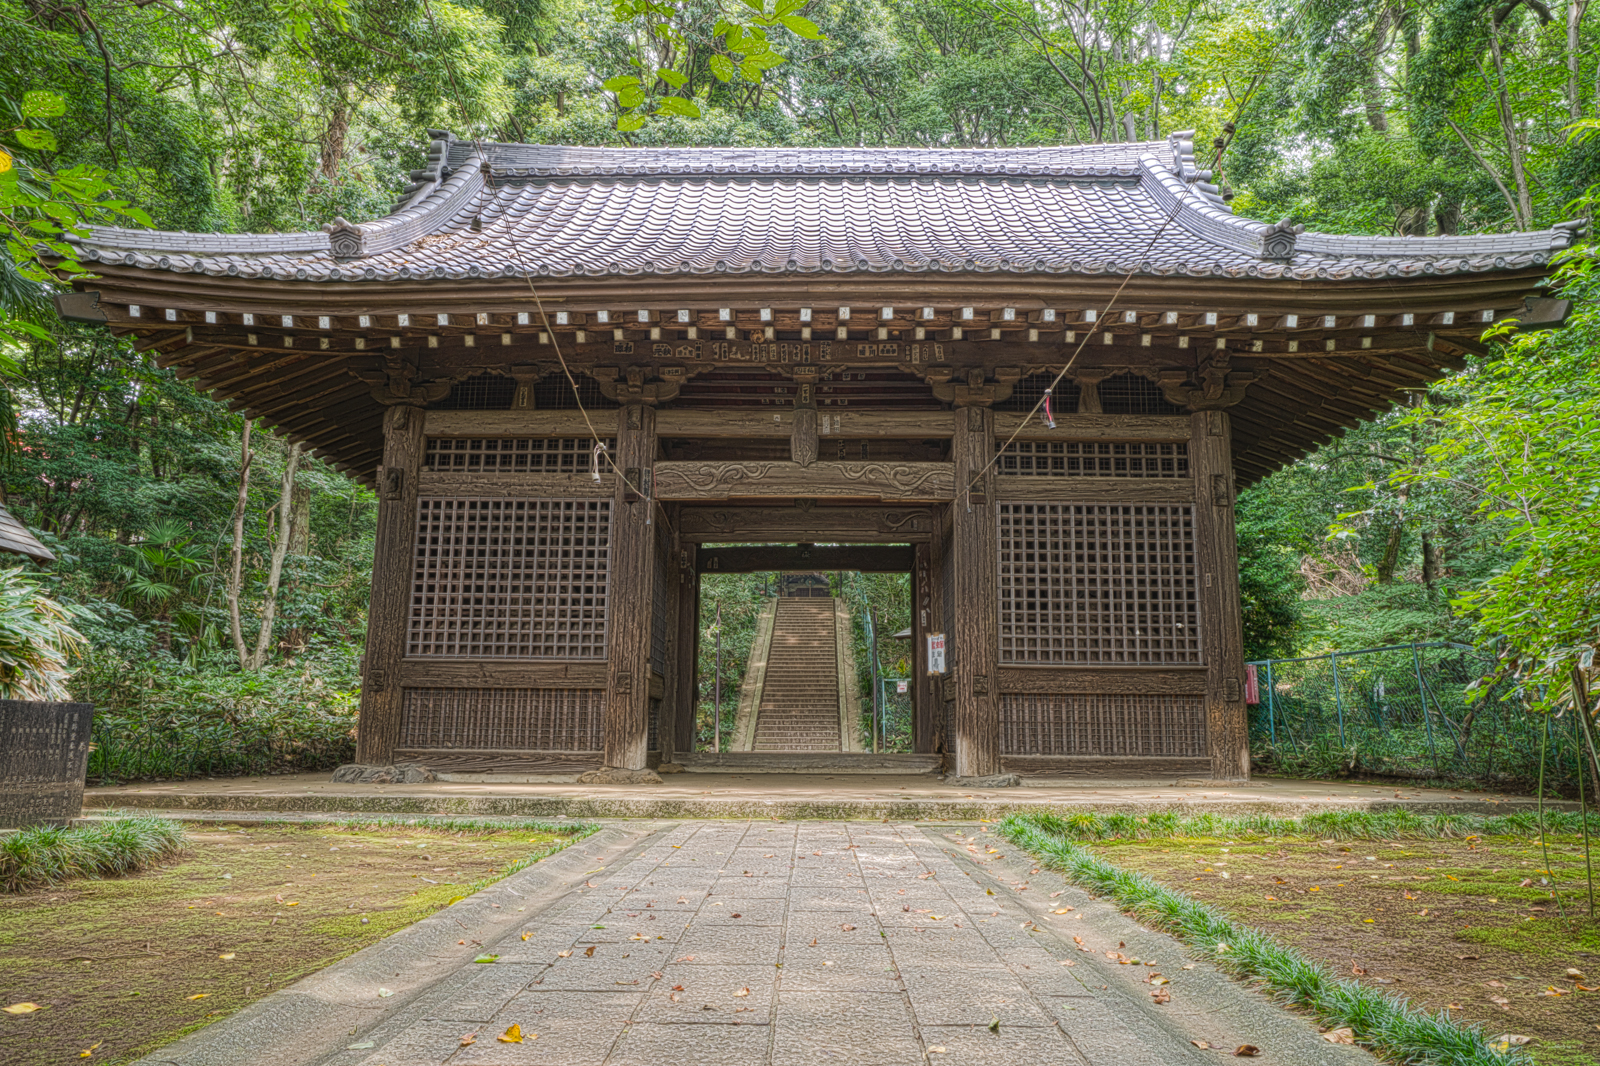 武蔵国分寺、仁王門の写真